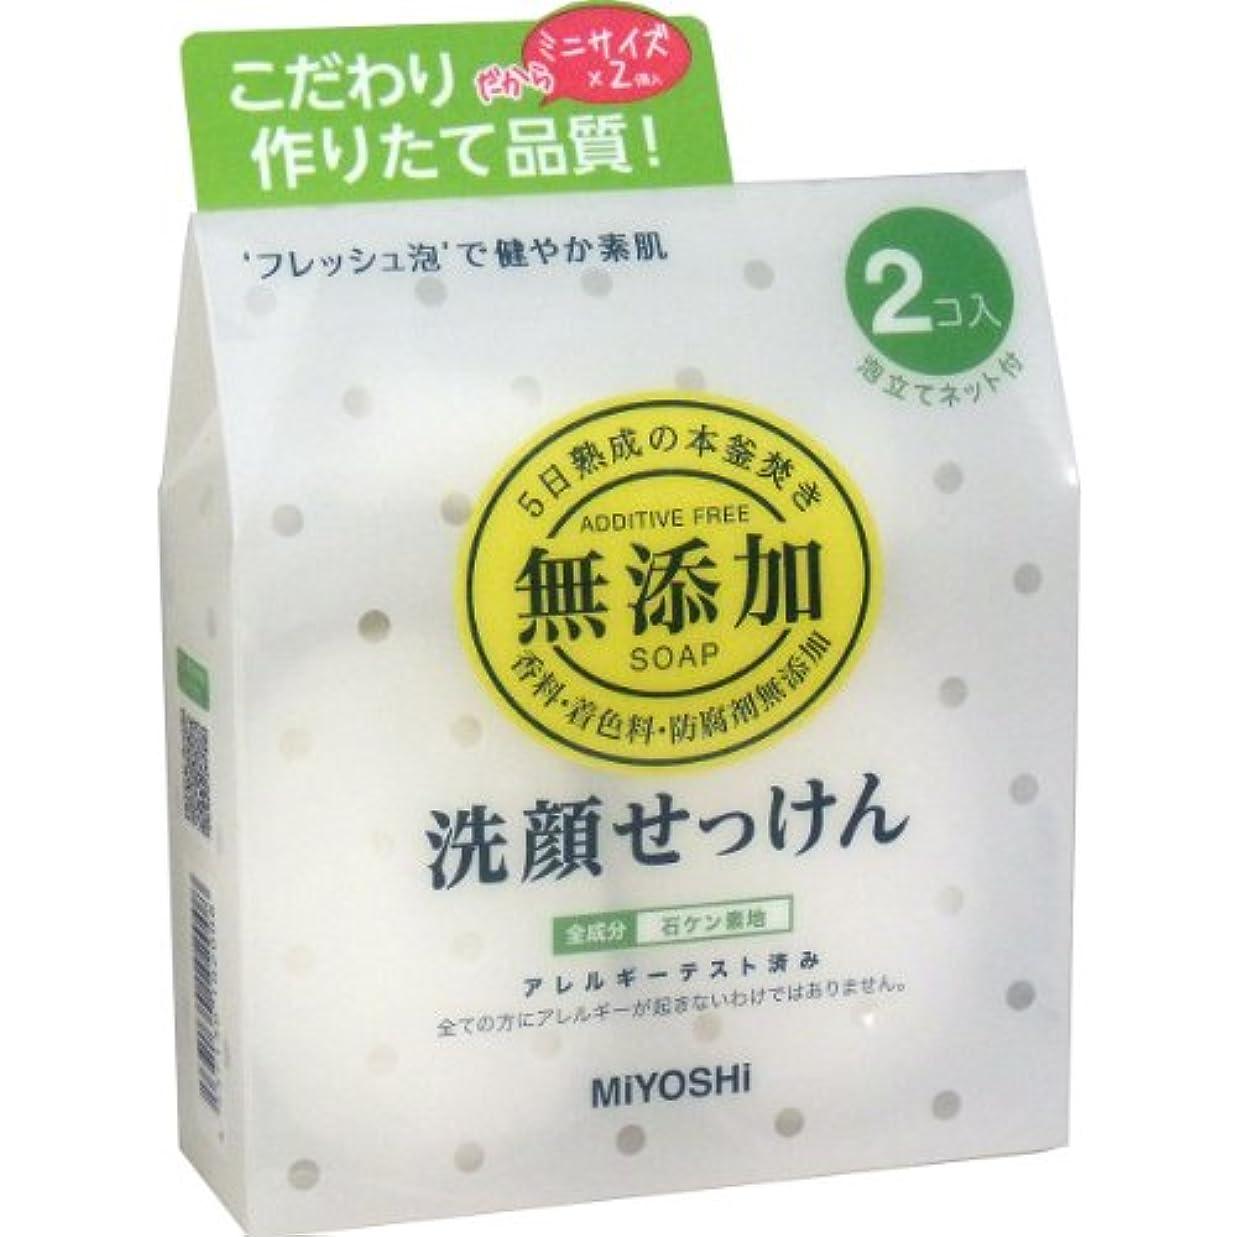 可愛い世辞不正確【まとめ買い】ミヨシ石鹸 無添加洗顔せっけん2個入 80g ×2セット